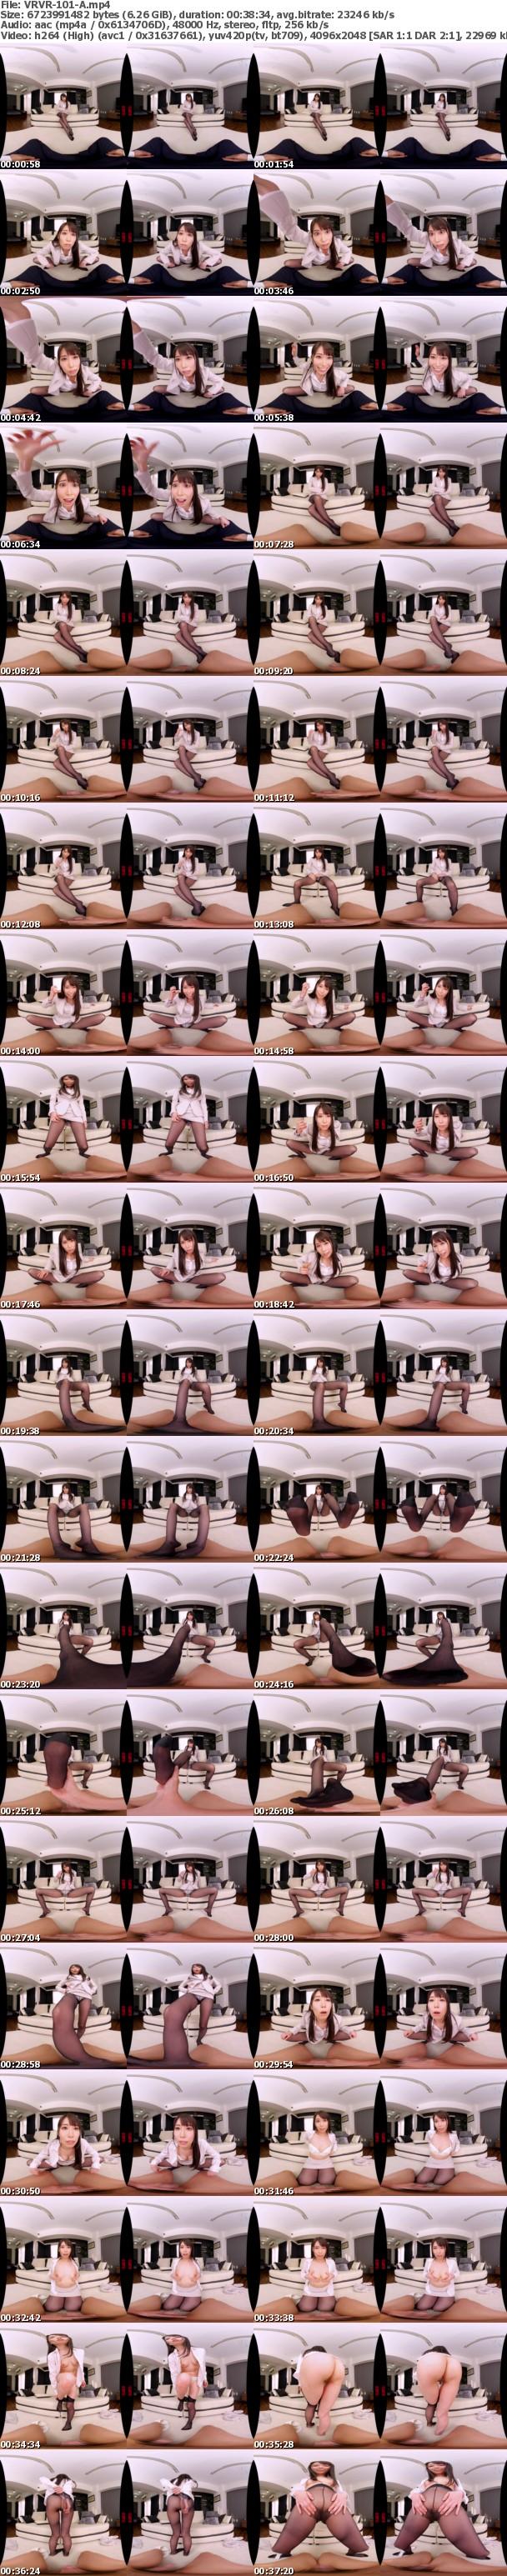 (VR) VRVR-101 HQ超高画質!【M男専用VR】「おい!テメェ!早くシコれよ!」元ヤンキーの黒パンスト穿いたドS上司が上から目線で僕をバカにしながら見下し淫語オナサポ/ビンタ/脚コキ/唾吐き!罵倒されフル勃起したチ○ポにガニ股生挿入!… 佐伯由美香